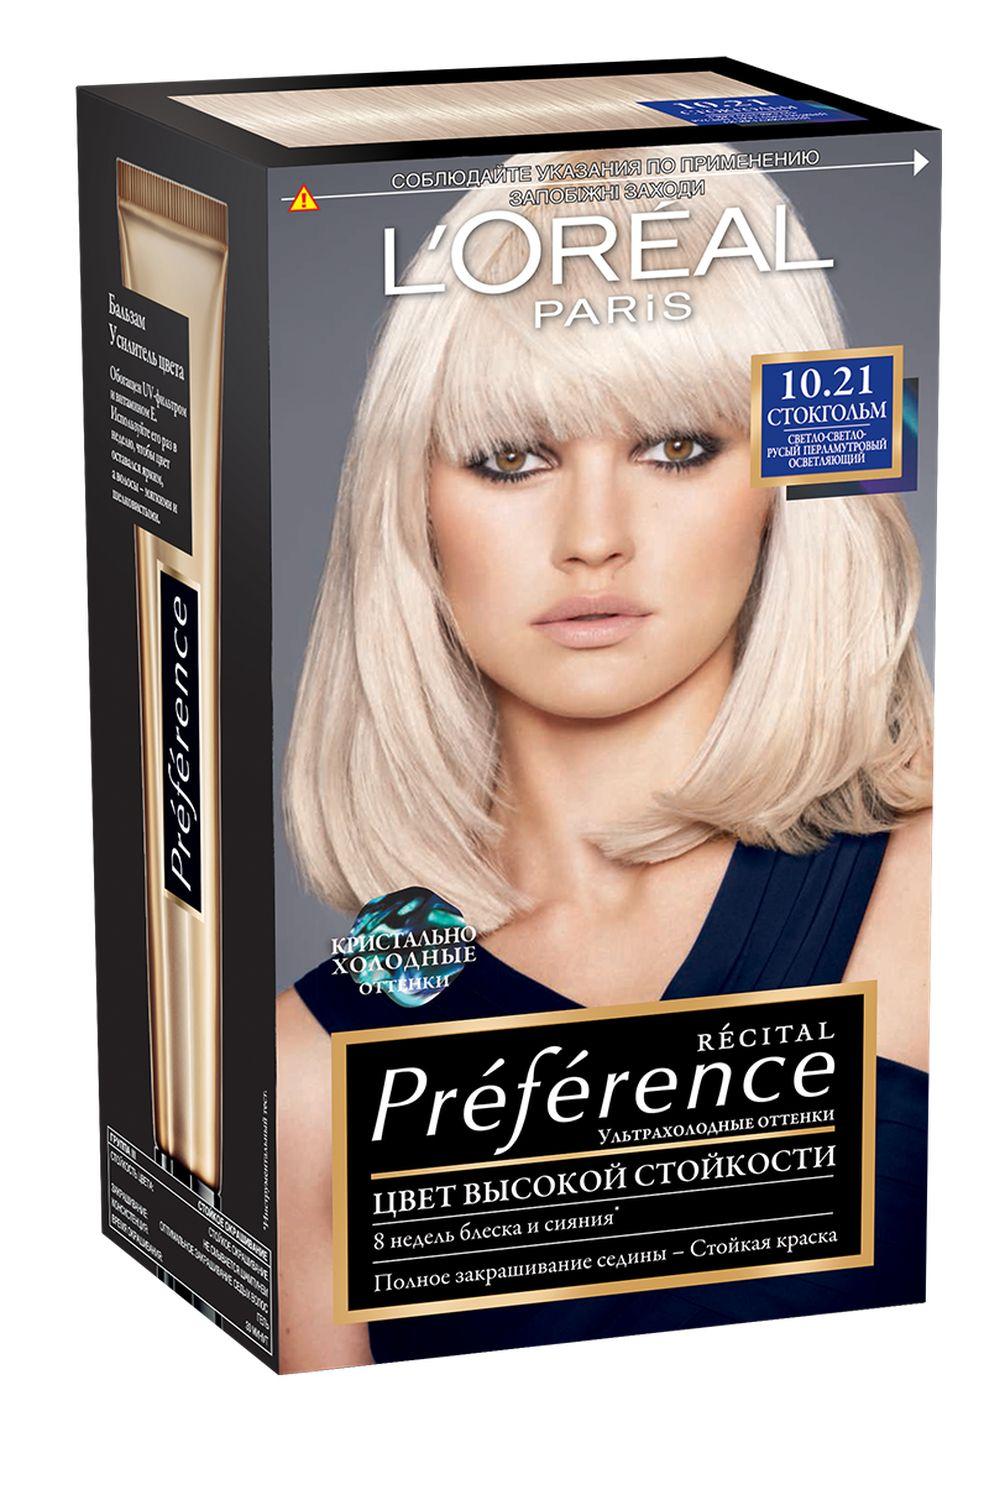 LOreal Paris Стойкая краска для волос Preference, оттенок 10.21, СтокгольмLC-81246974Краска для волос Лореаль Париж Преферанс - премиальное качество окрашивания! Она создана ведущими экспертами лабораторий Лореаль Париж в сотрудничестве с профессиональным колористом Кристофом Робином. В результате исследований был разработан уникальный состав краски, основанный на более объемных красящих пигментах. Стойкая краска способна дольше удерживаться в структуре волос, создавая неповторимый яркий цвет, устойчивый к вымыванию и возникновению тусклости. Комплекс Экстраблеск добавит блеска насыщенному цвету волос. Красивые шелковые волосы с насыщенным цветом на протяжении 8 недель после окрашивания!В состав упаковки входит: флакон гель-краски (60 мл), флакон-аппликатор с проявляющим кремом (60 мл), бальзам Усилитель цвета (54 мл), инструкция, пара перчаток.1. Стойкий сияющий цвет 2. Делает волосы мягкими и шелковистыми 3. Полное закрашивание седины